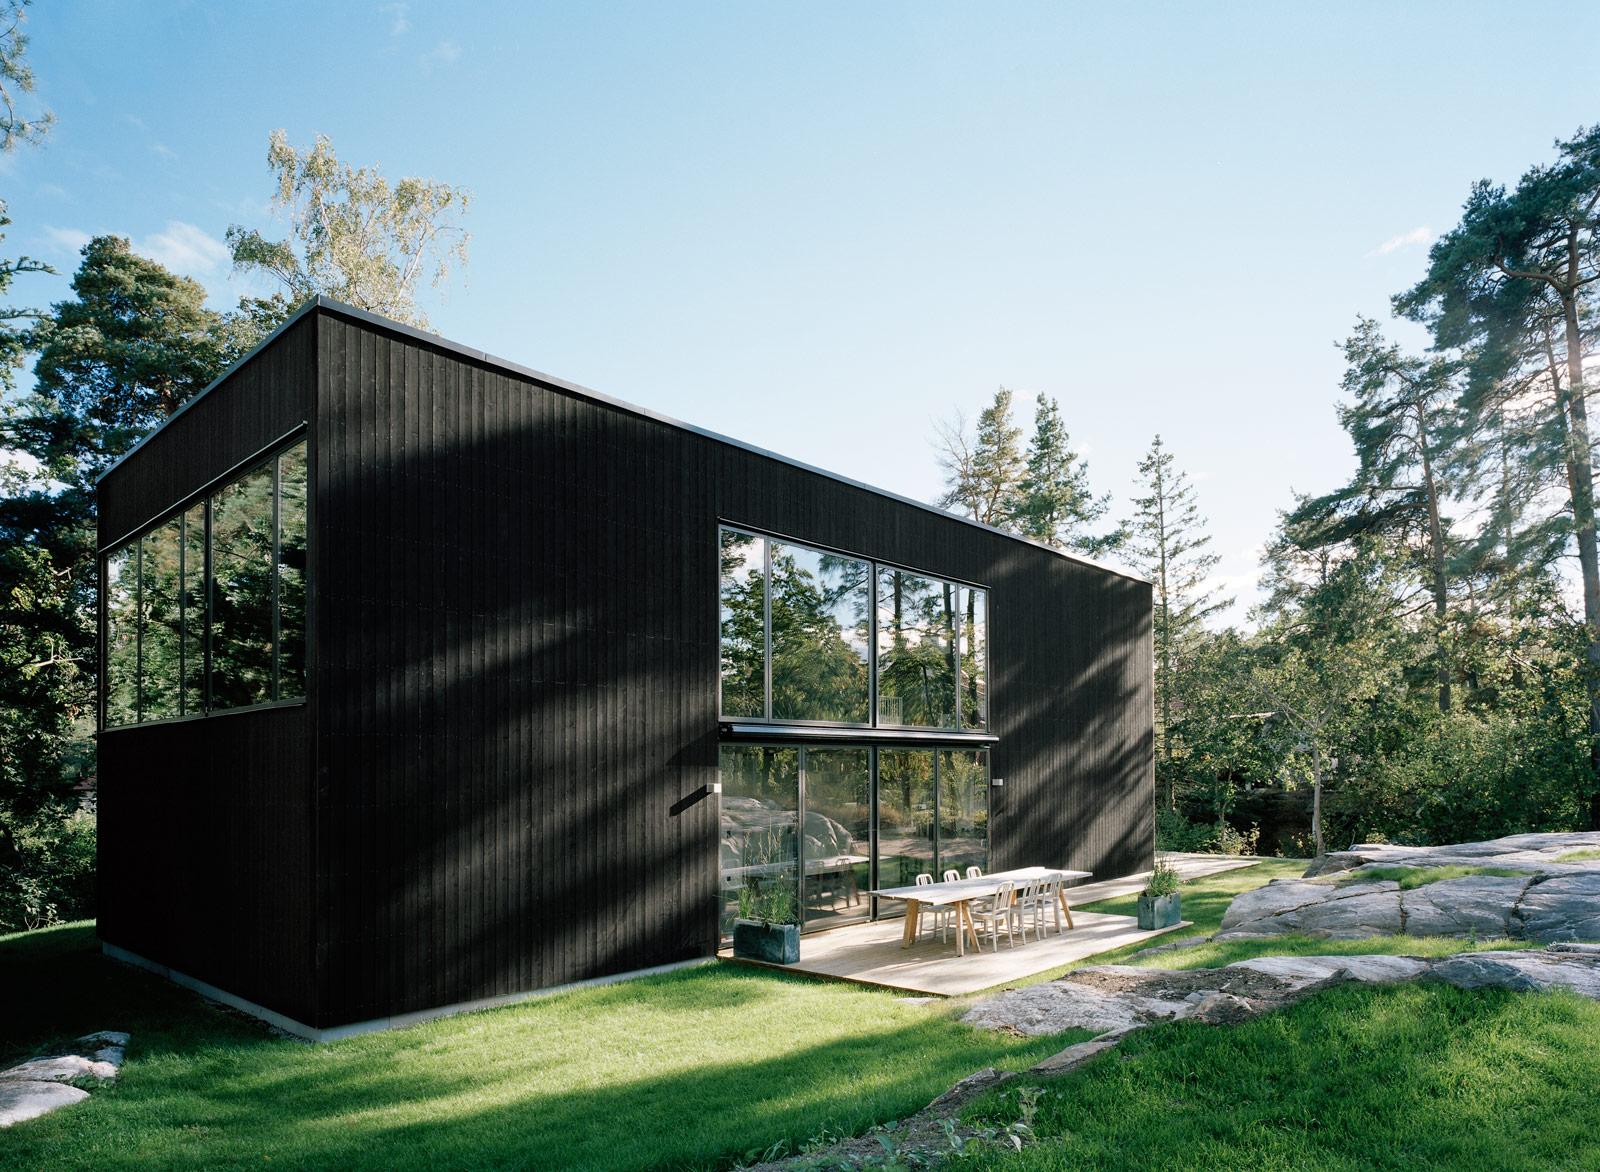 Conceptbysarah: moderne, schwedische architektur